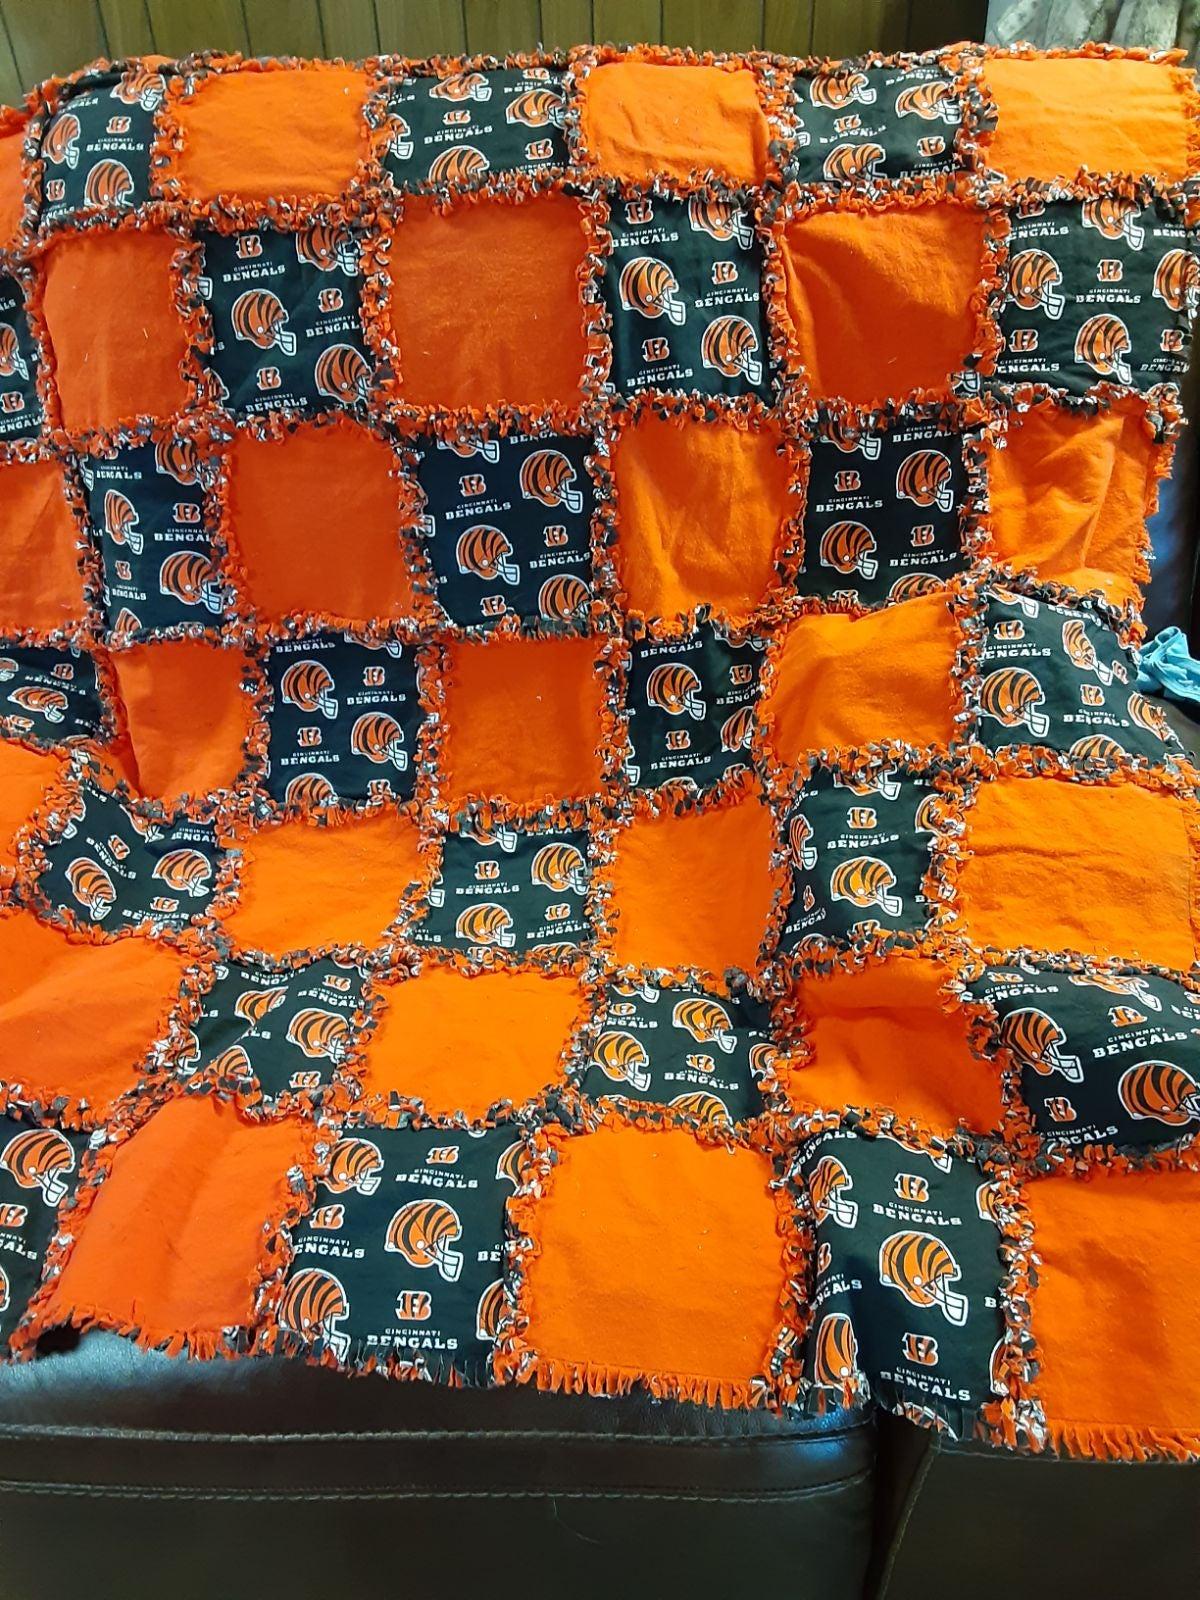 Cincinnati Bengals lap quilt